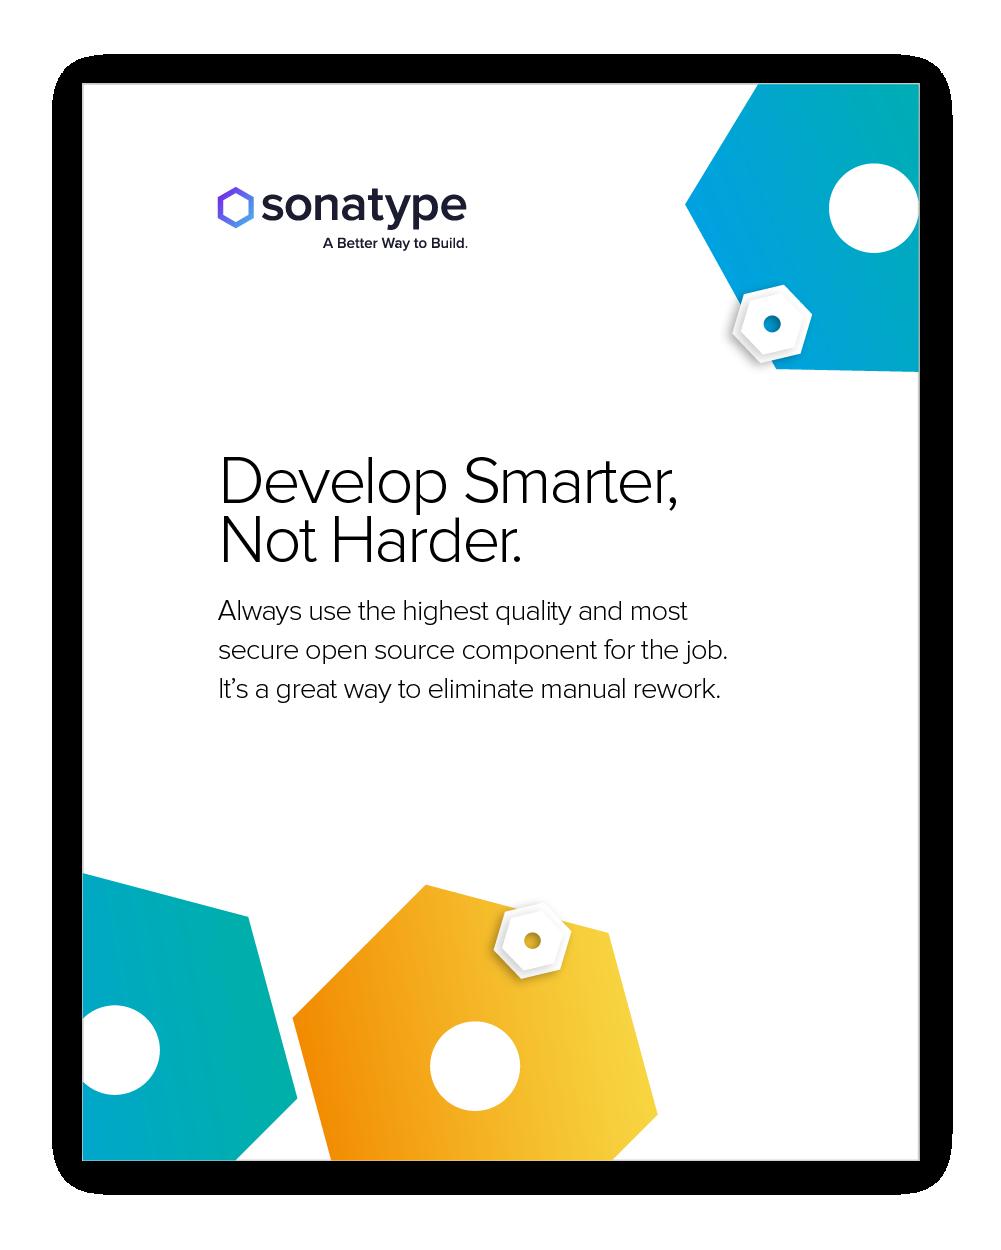 Developer Smarter, Not Harder